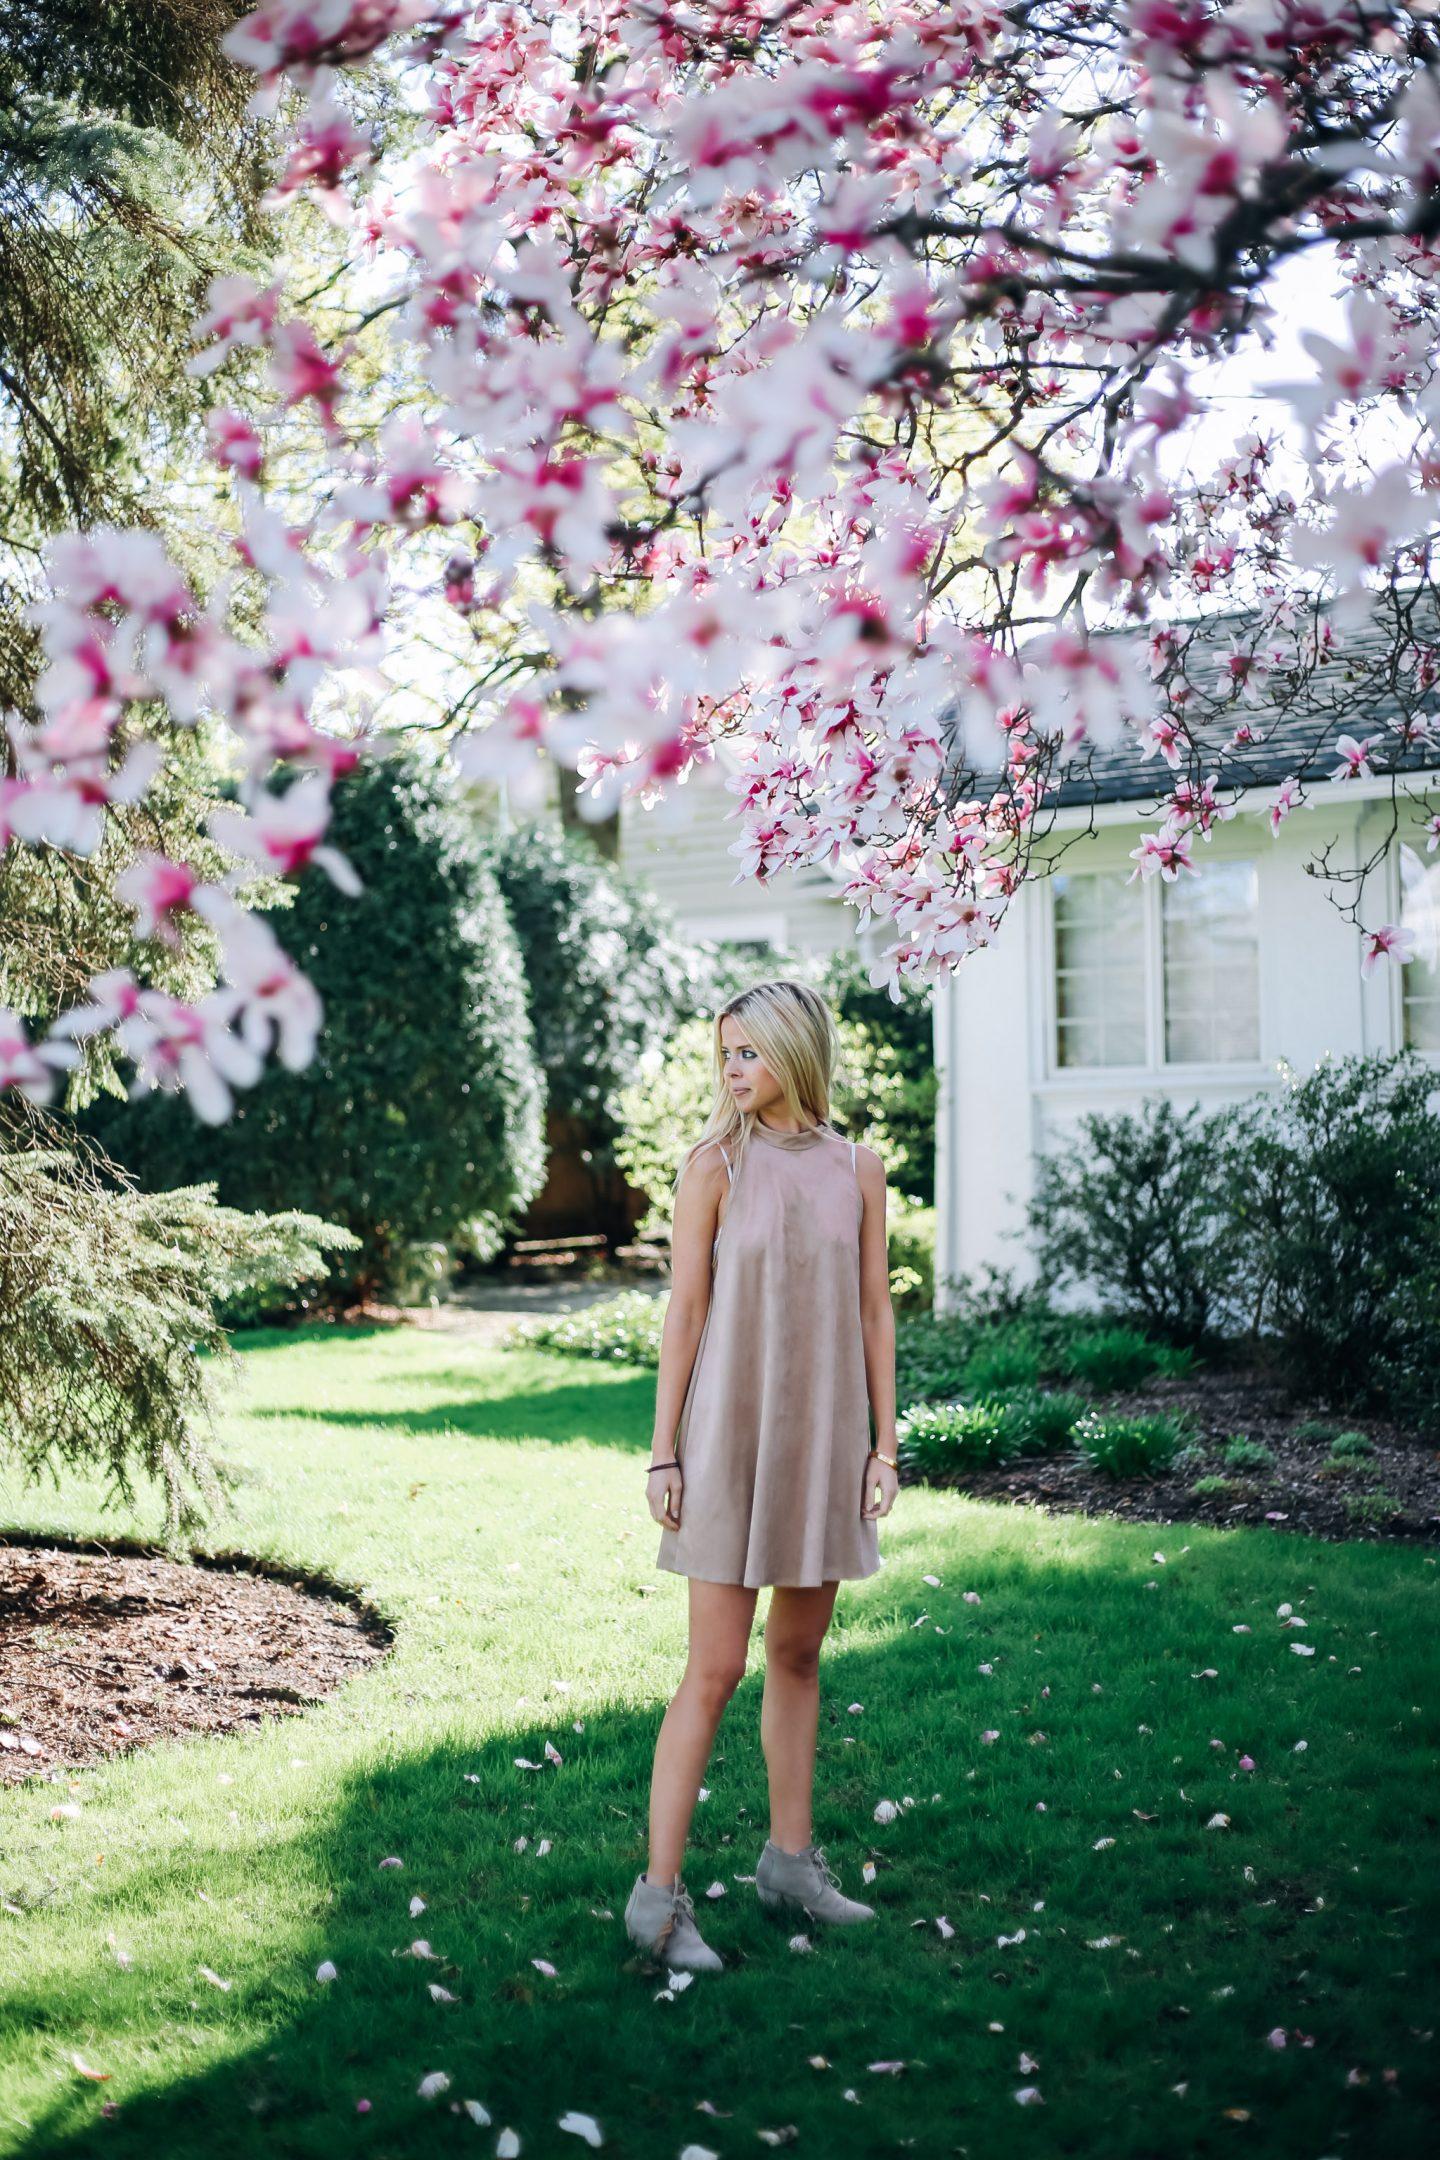 Magnolia season - Wonder & Awe